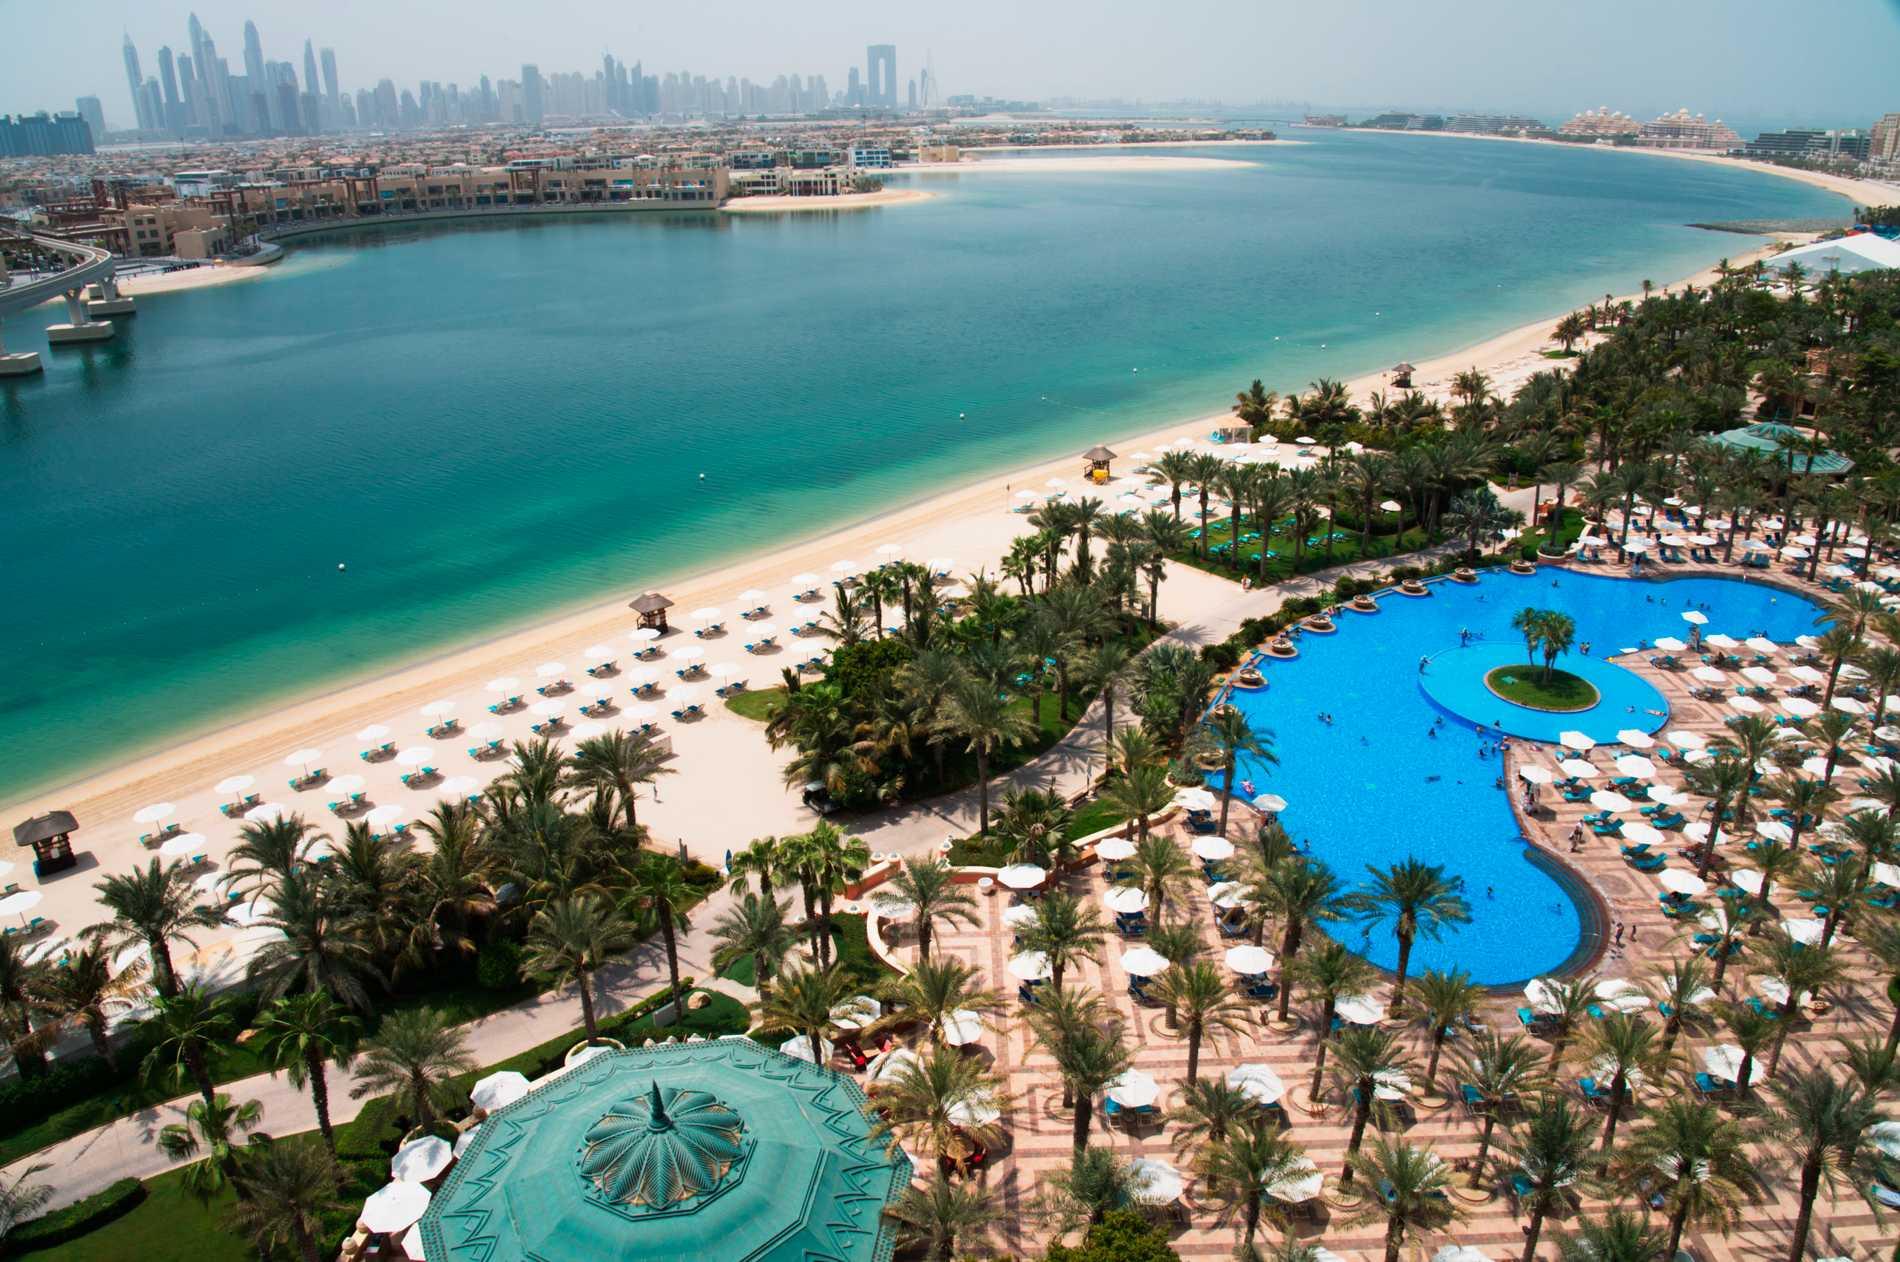 Dubai lättar på virusrestriktioner. Hotell får beläggas fullt och restauranger och nöjeslokaler får ta in fler gäster. Arkivbild.